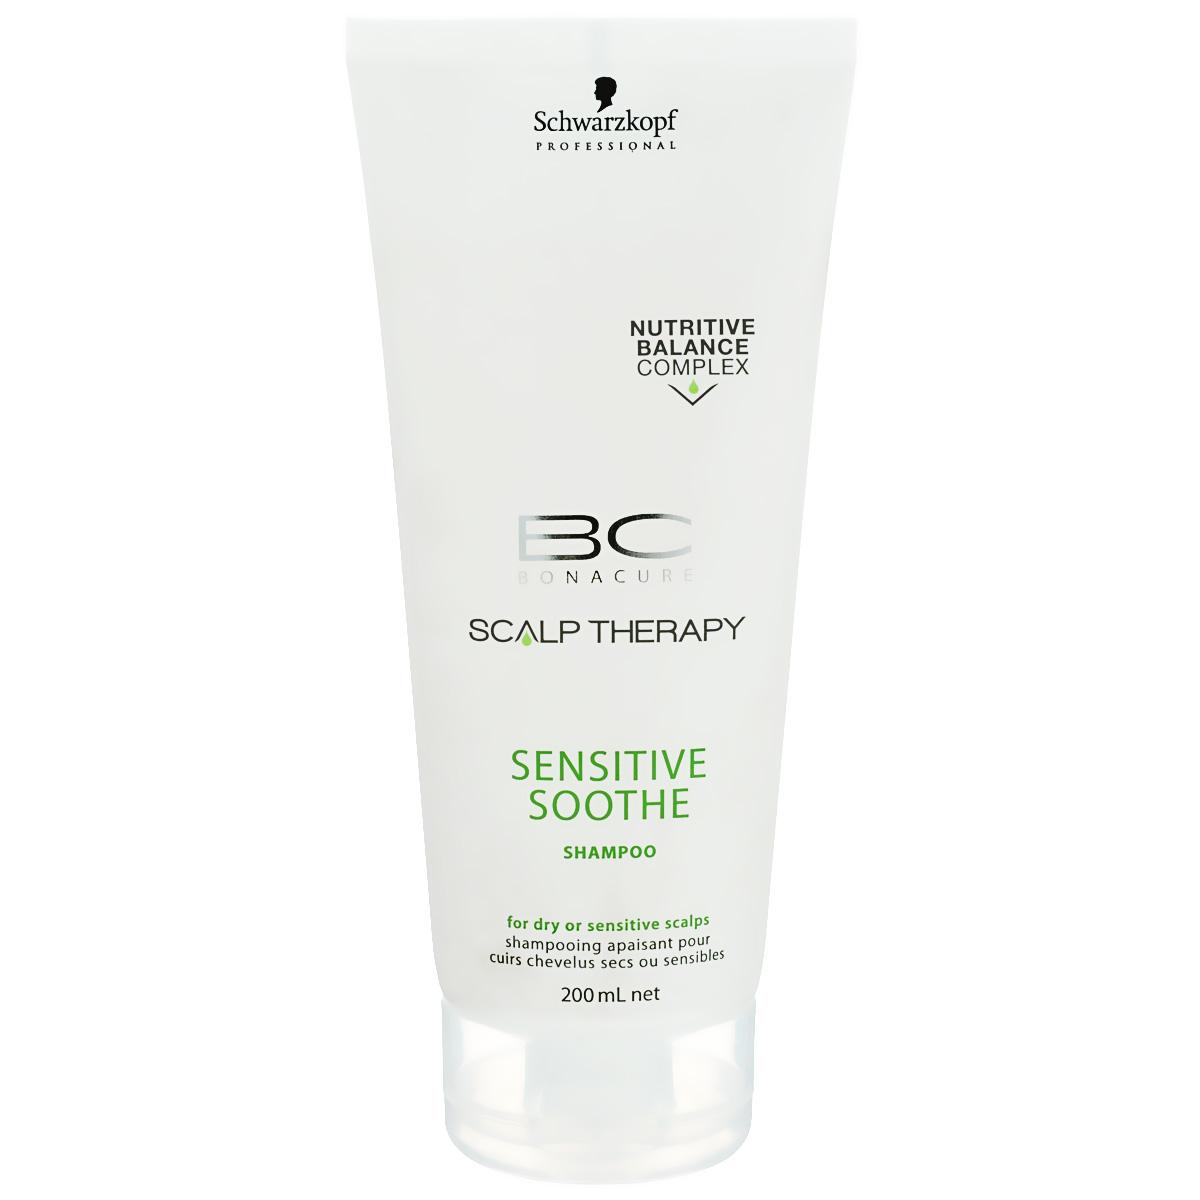 Bonacure Шампунь для чувствительной кожи головы Scalp Therapy Sensitive Shampoo 200 мл1753148Мягкий шампунь для всех типов волос и чувствительной кожи головы. Легкая формула с мягкими поверхностно - активными веществами деликатно очищает кожу головы, помогая избежать последующего раздражения. Содержит Таурин который способствует поддержанию естественных защитных функций кожи головы. Для достижения максимального результата рекомендуется использовать в комплексе с сывороткой BC Scalp Therapy Sensitive Scalp.